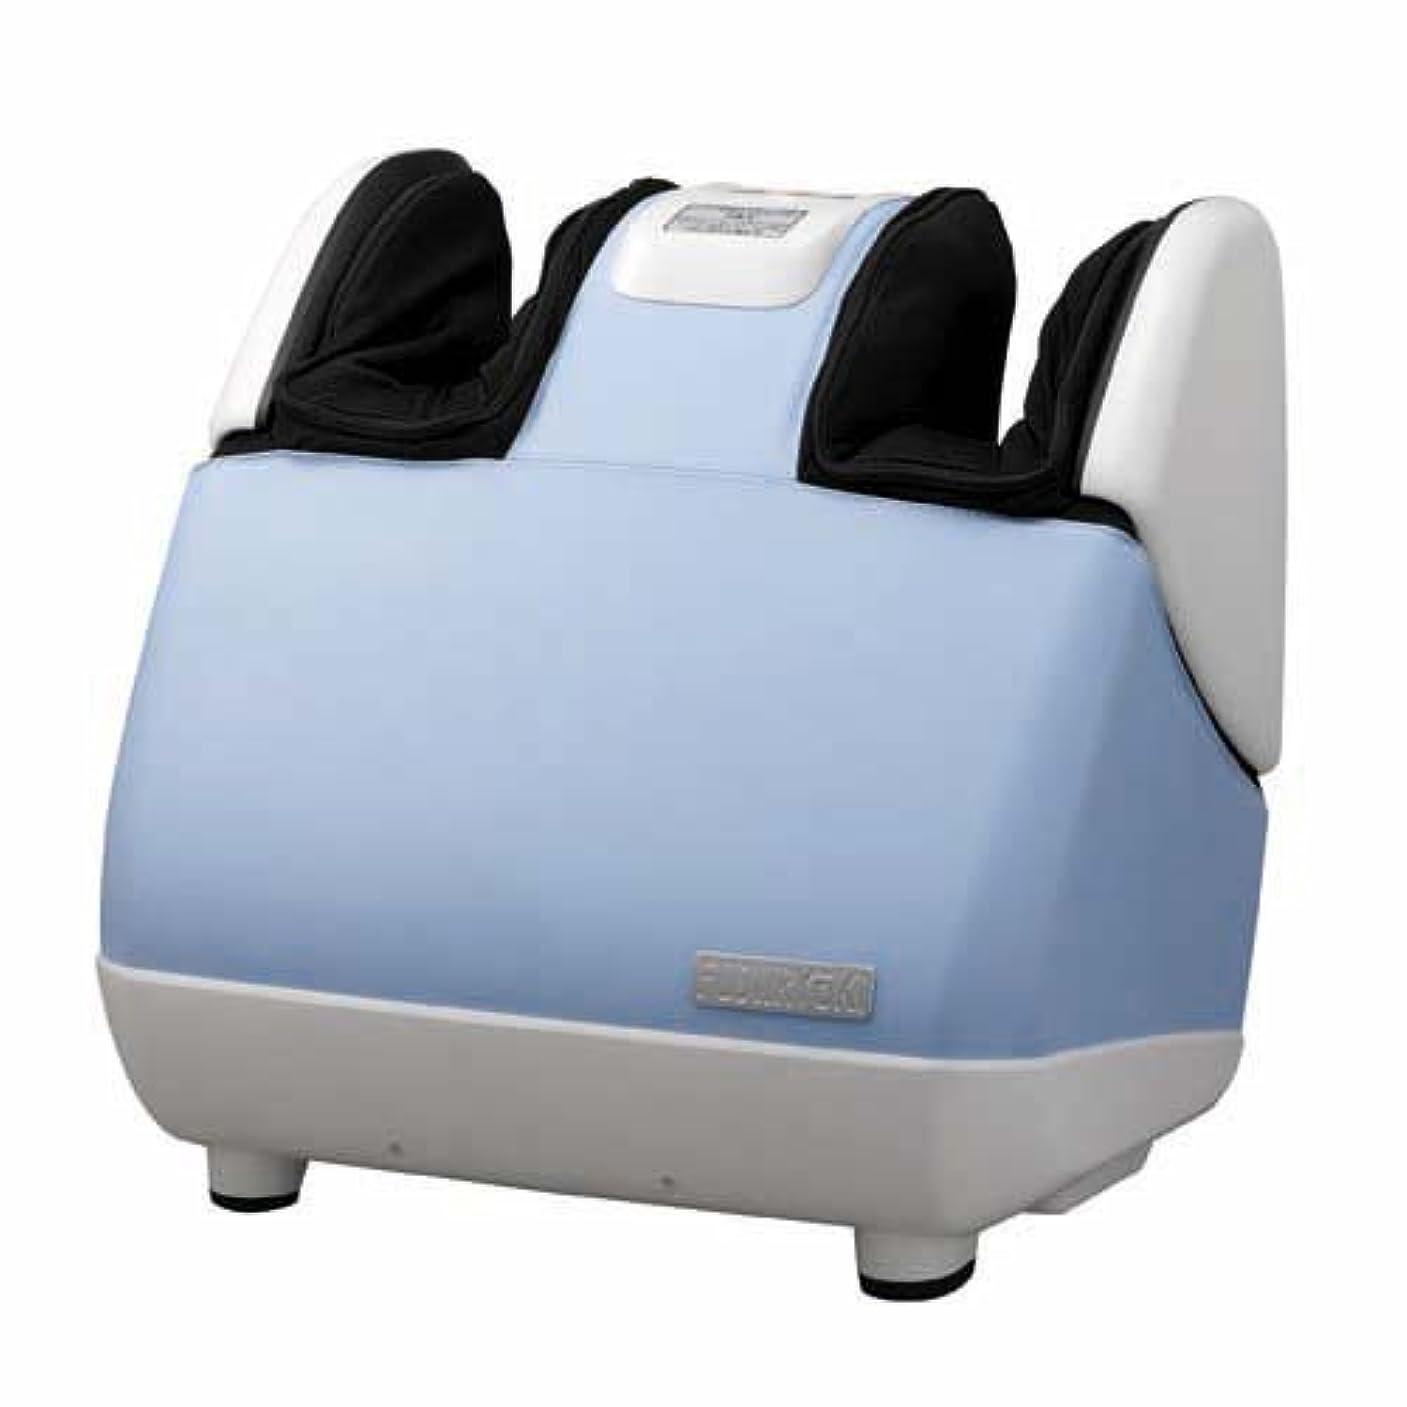 やりすぎ海岸容赦ないフジ医療器【ヒーター機能搭載】足先?足裏からふくらはぎまでリフレッシュフットマッサージャー SG-520